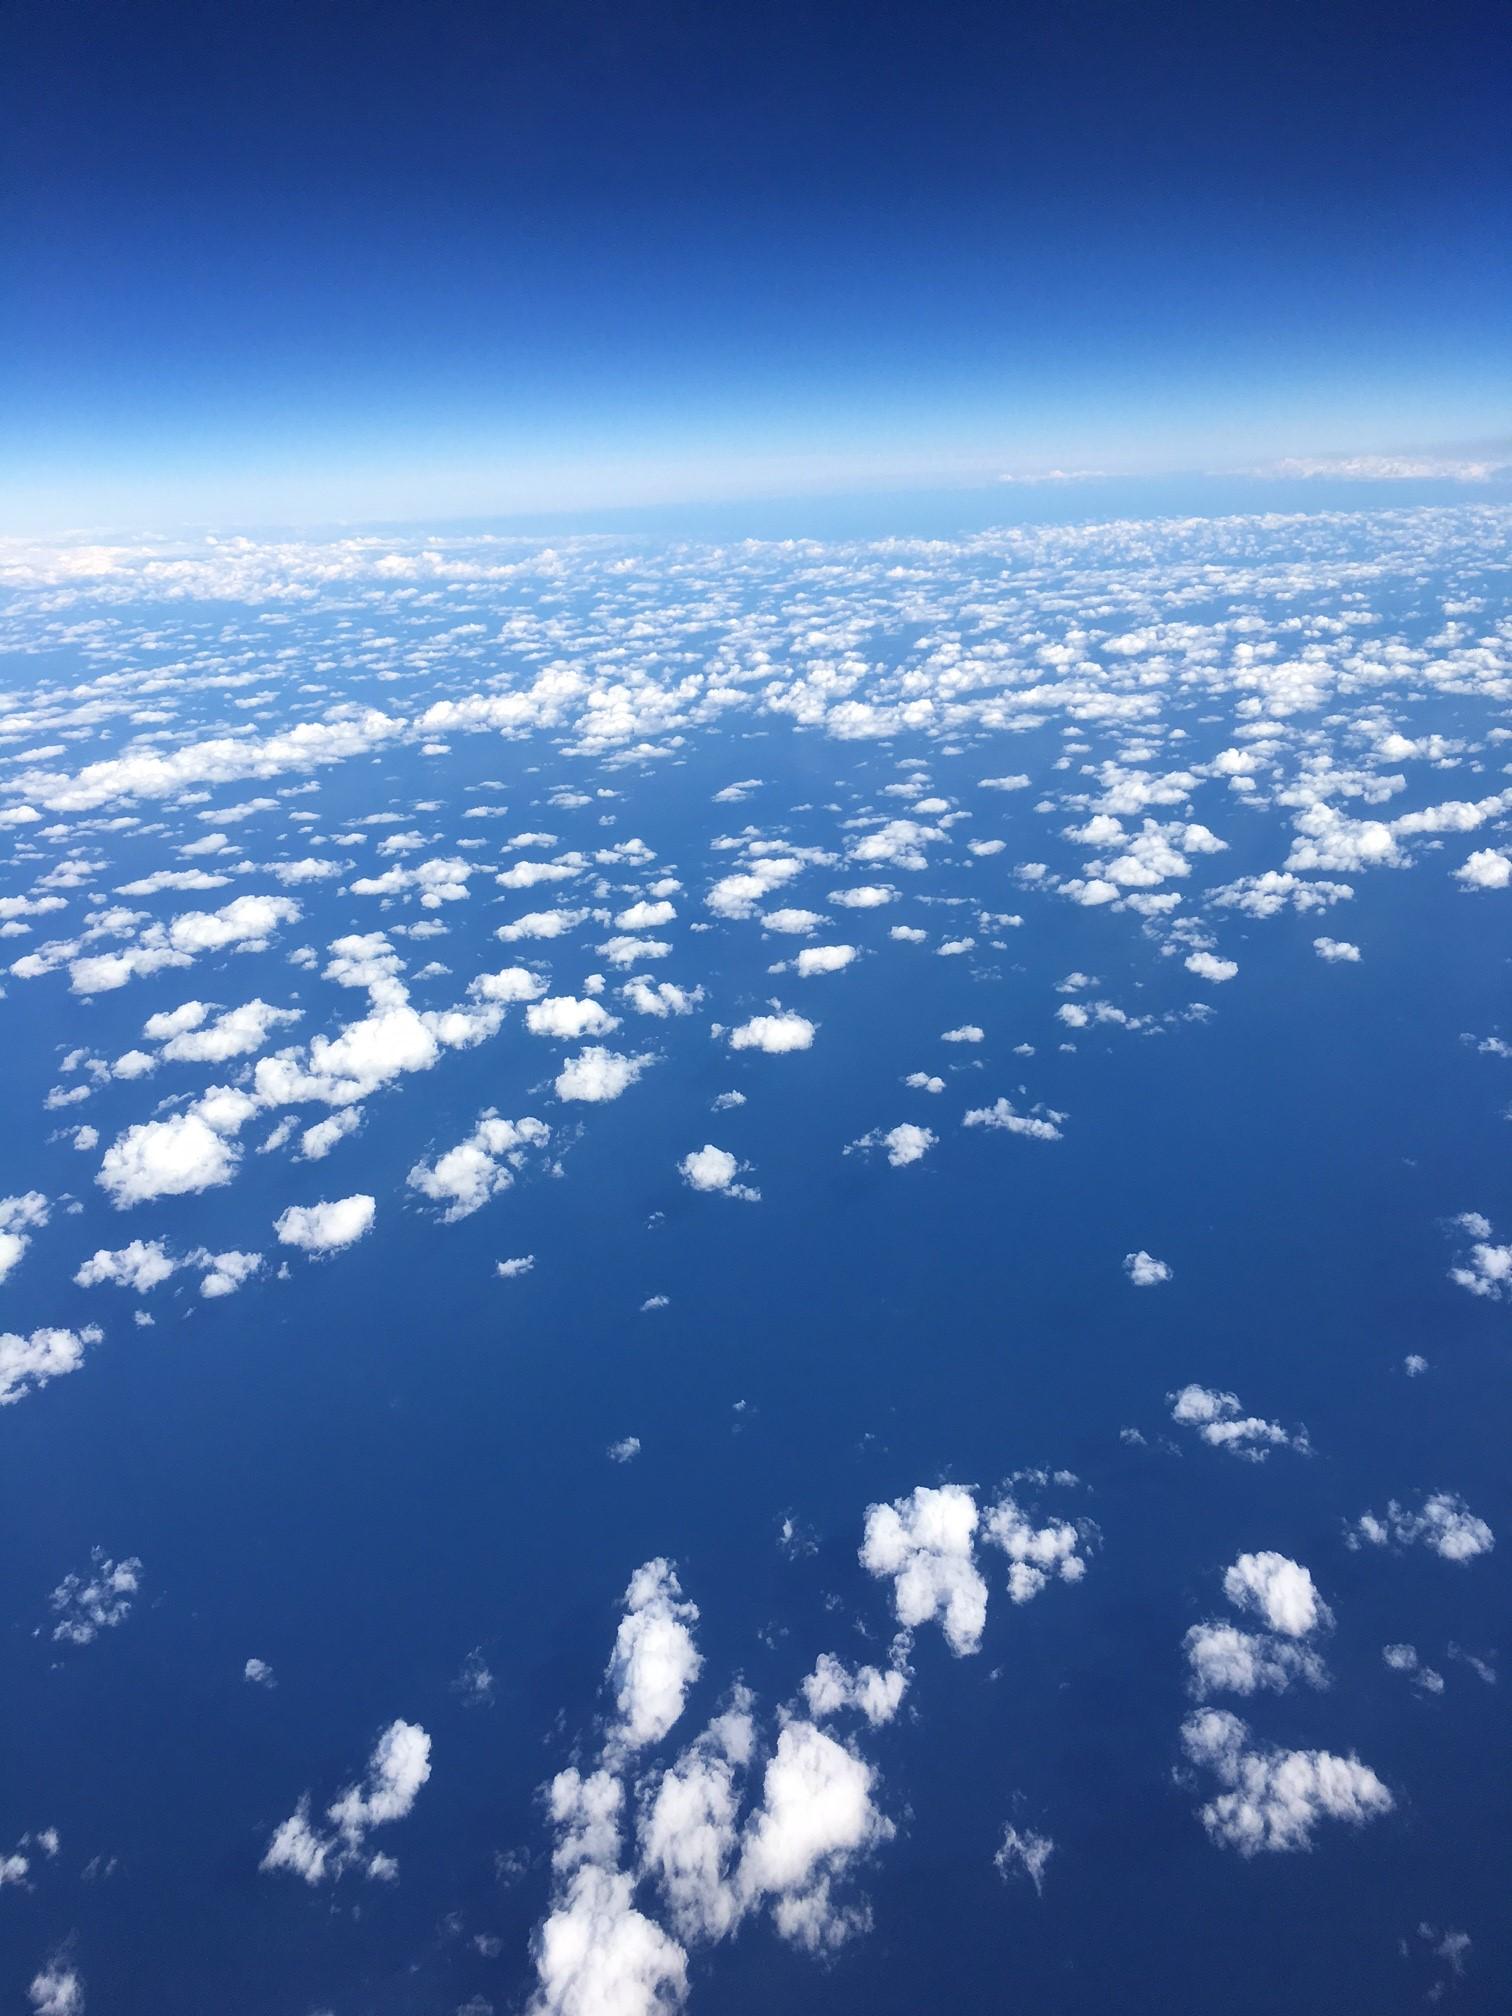 ドバイからヨーロッパへ!空から見た風景